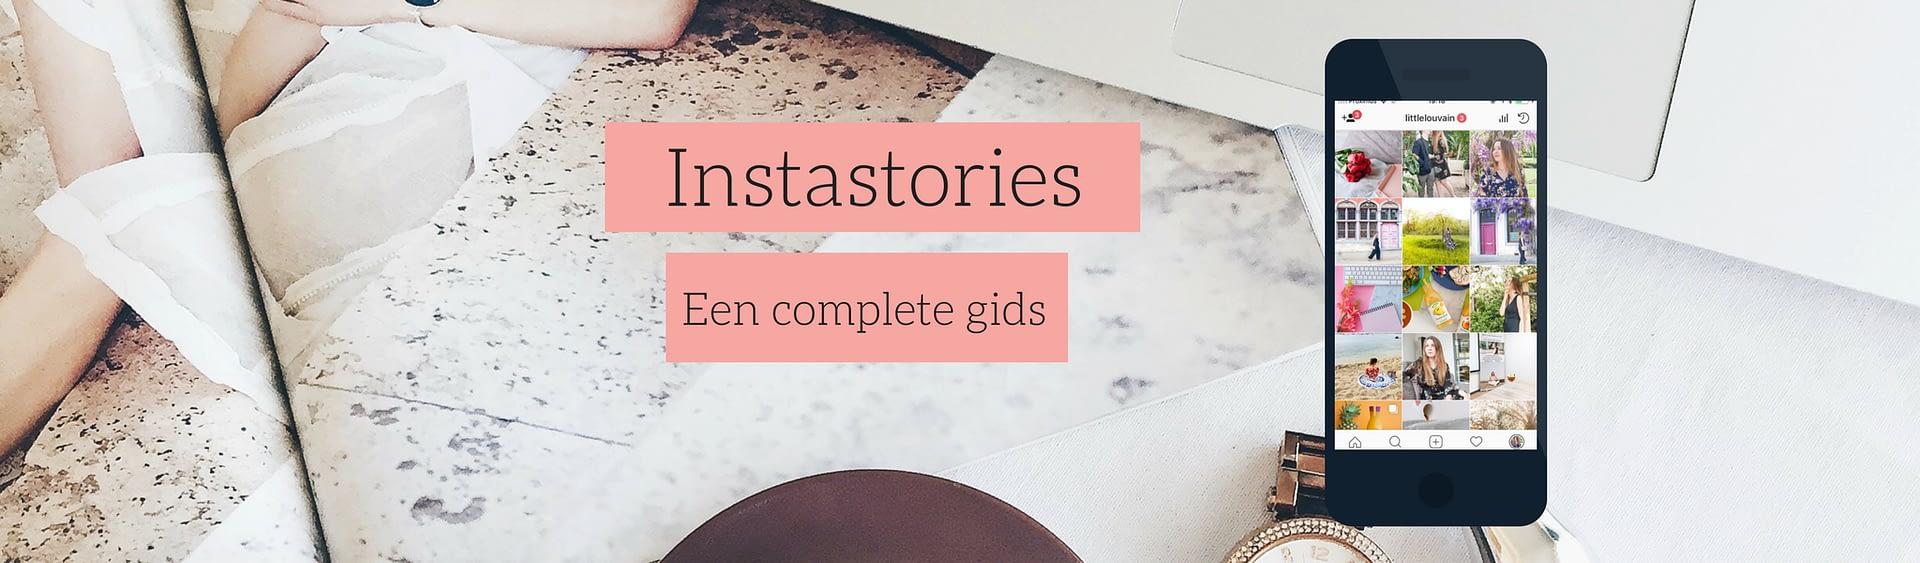 De complete gids over Instagram Stories voor bedrijven + gratis templates